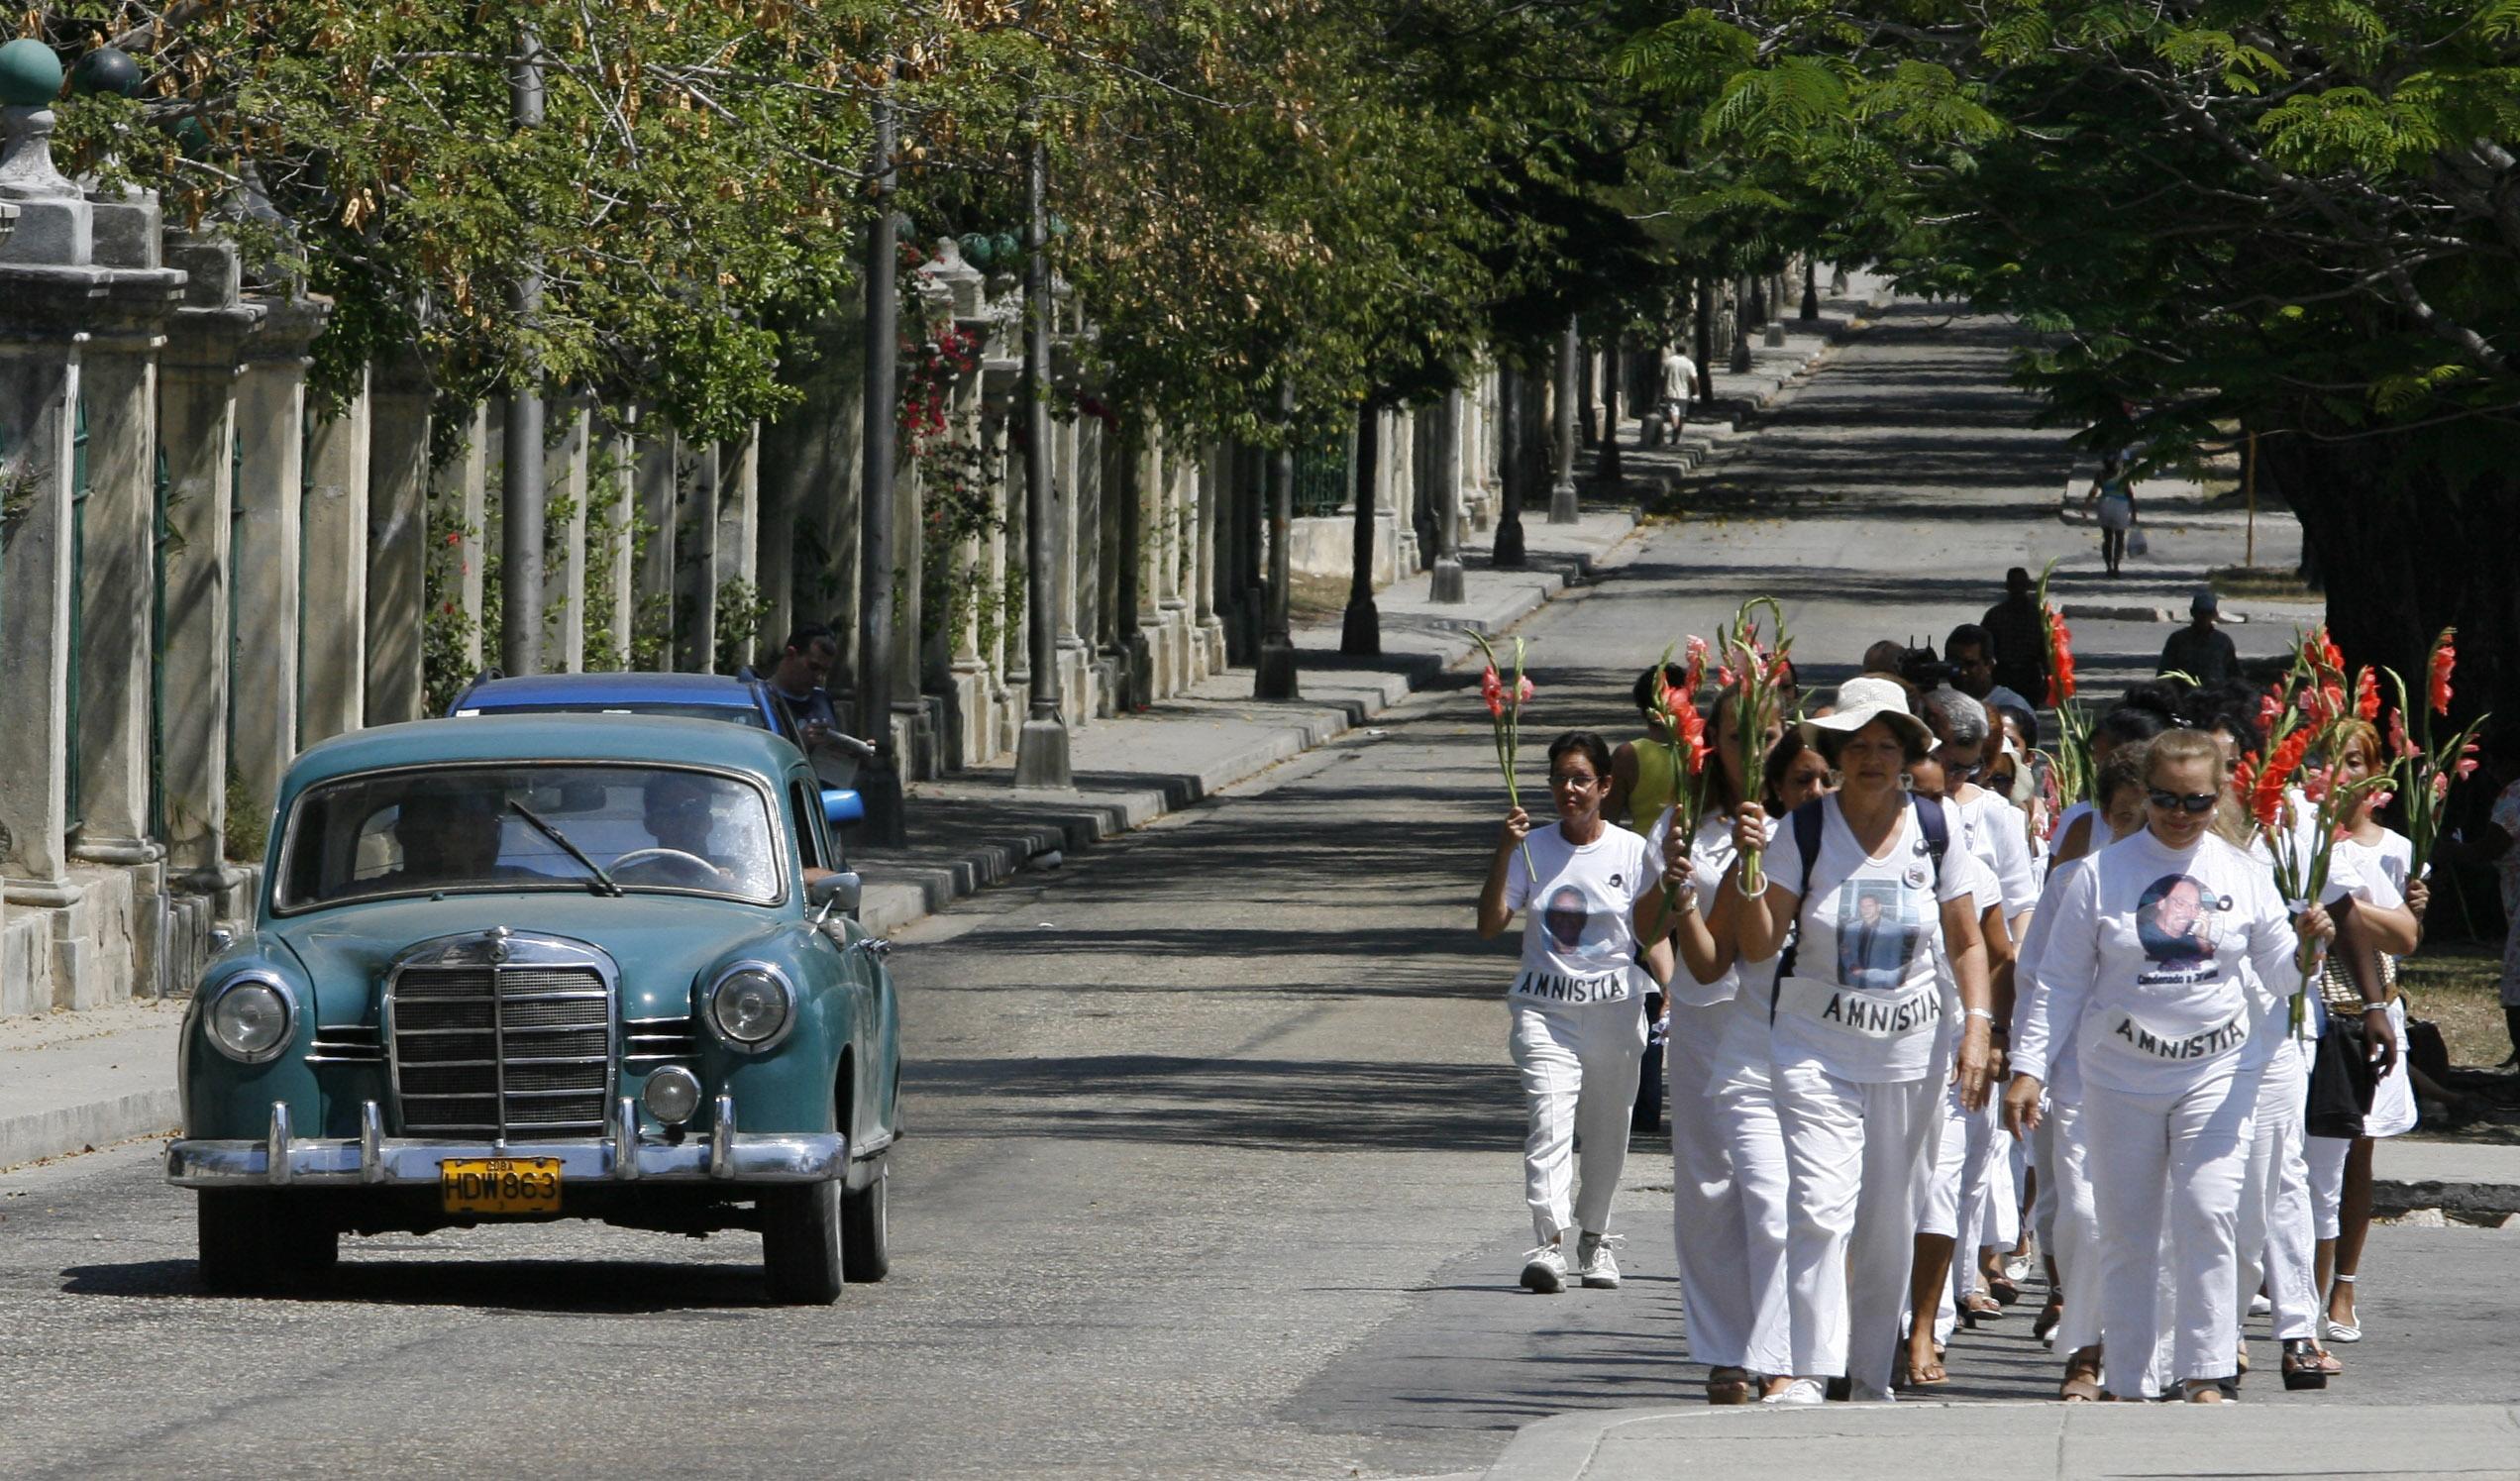 Naiset valkoisissa -ryhmä (Damas de Blanco)